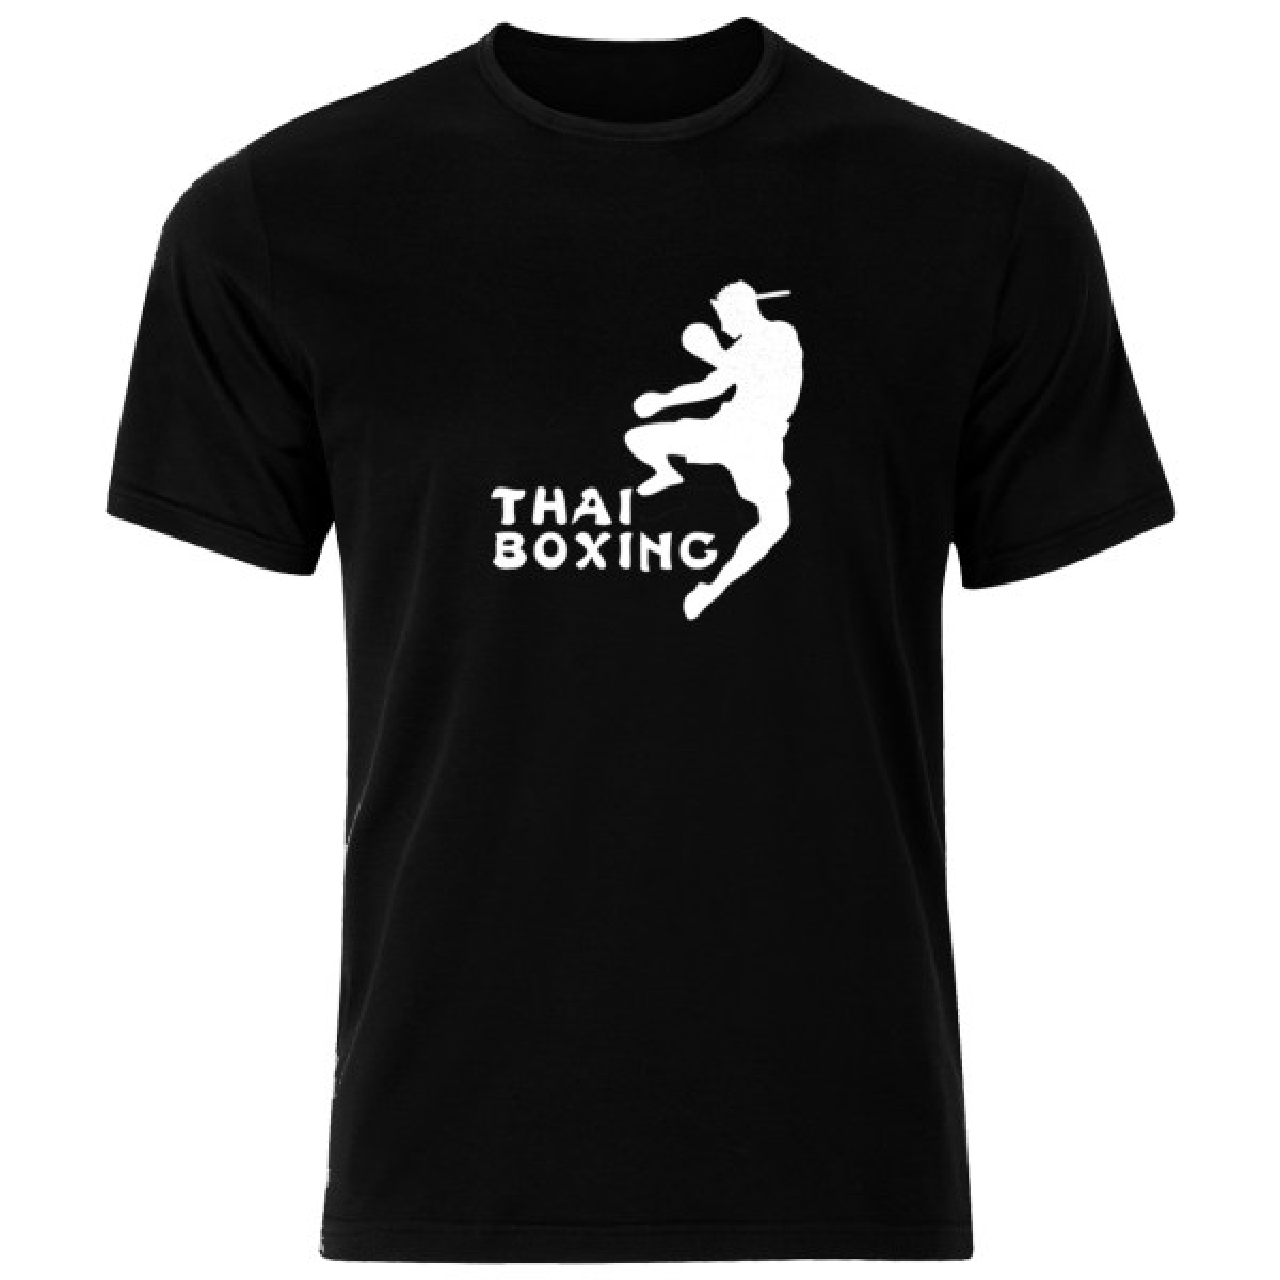 تی شرت ورزشی نخی مردانه فلوریزا  طرح موی تای بوکس کد thai boxing 001M تیشرت